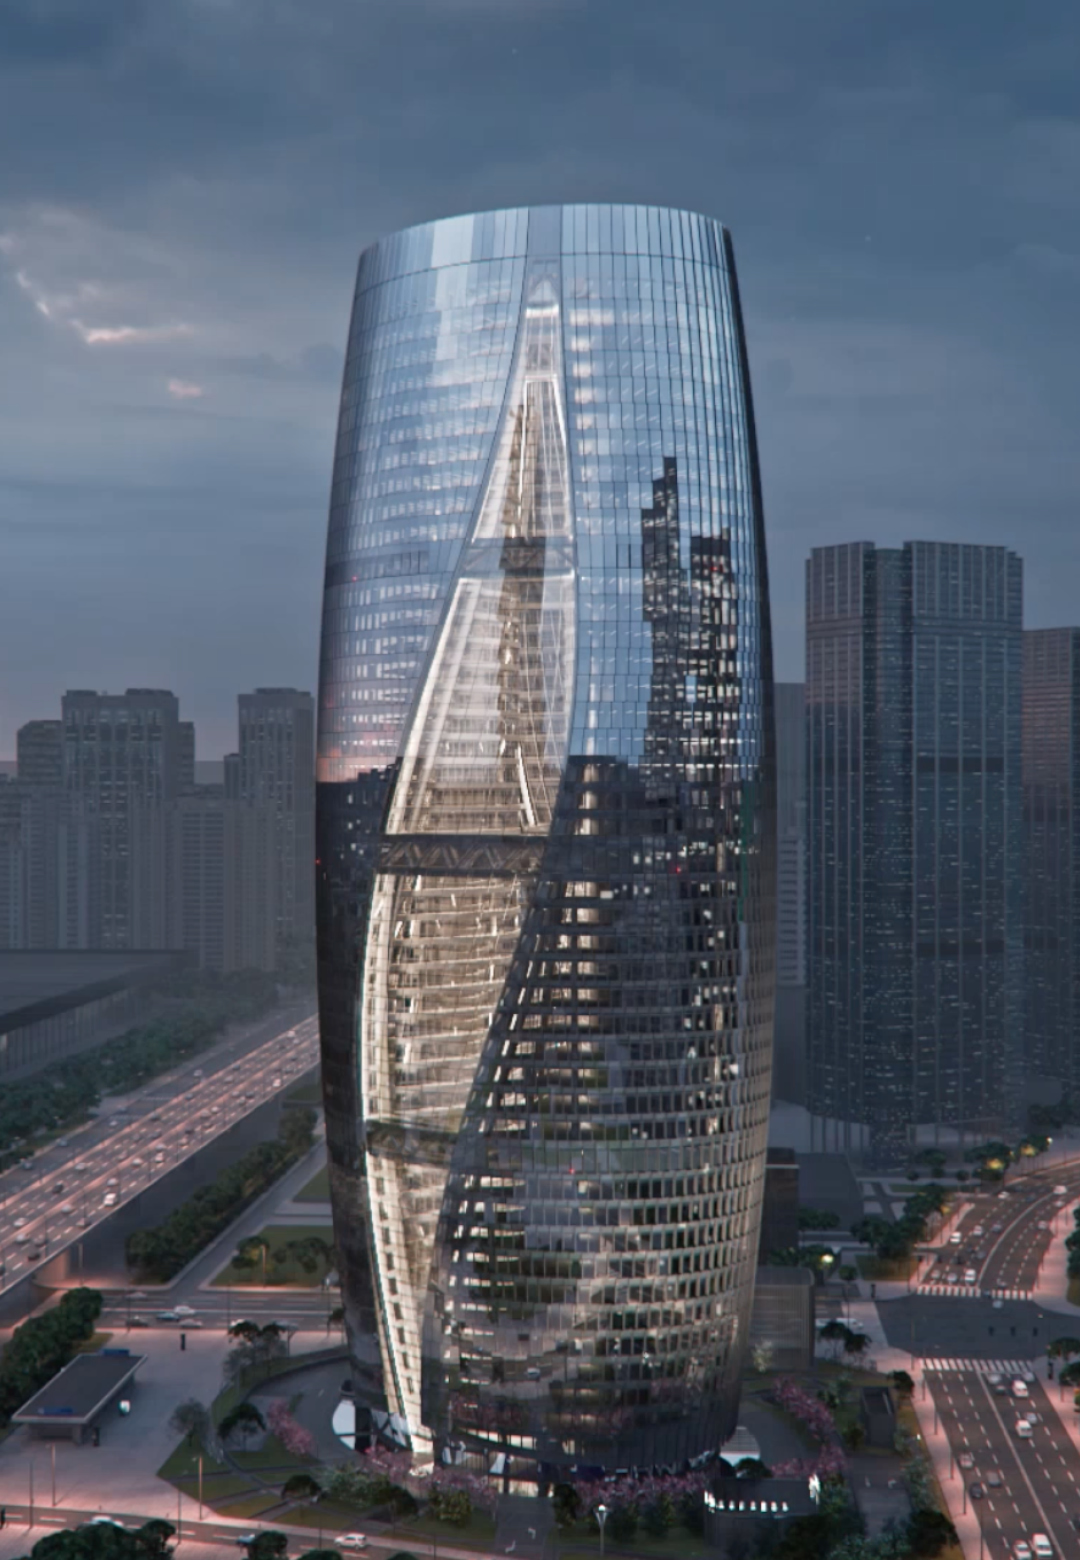 A flythrough of Leeza SOHO tower in Beijing, designed by Zaha Hadid Architects | Leeza SOHO Tower | Zaha Hadid Architects | STIRworld